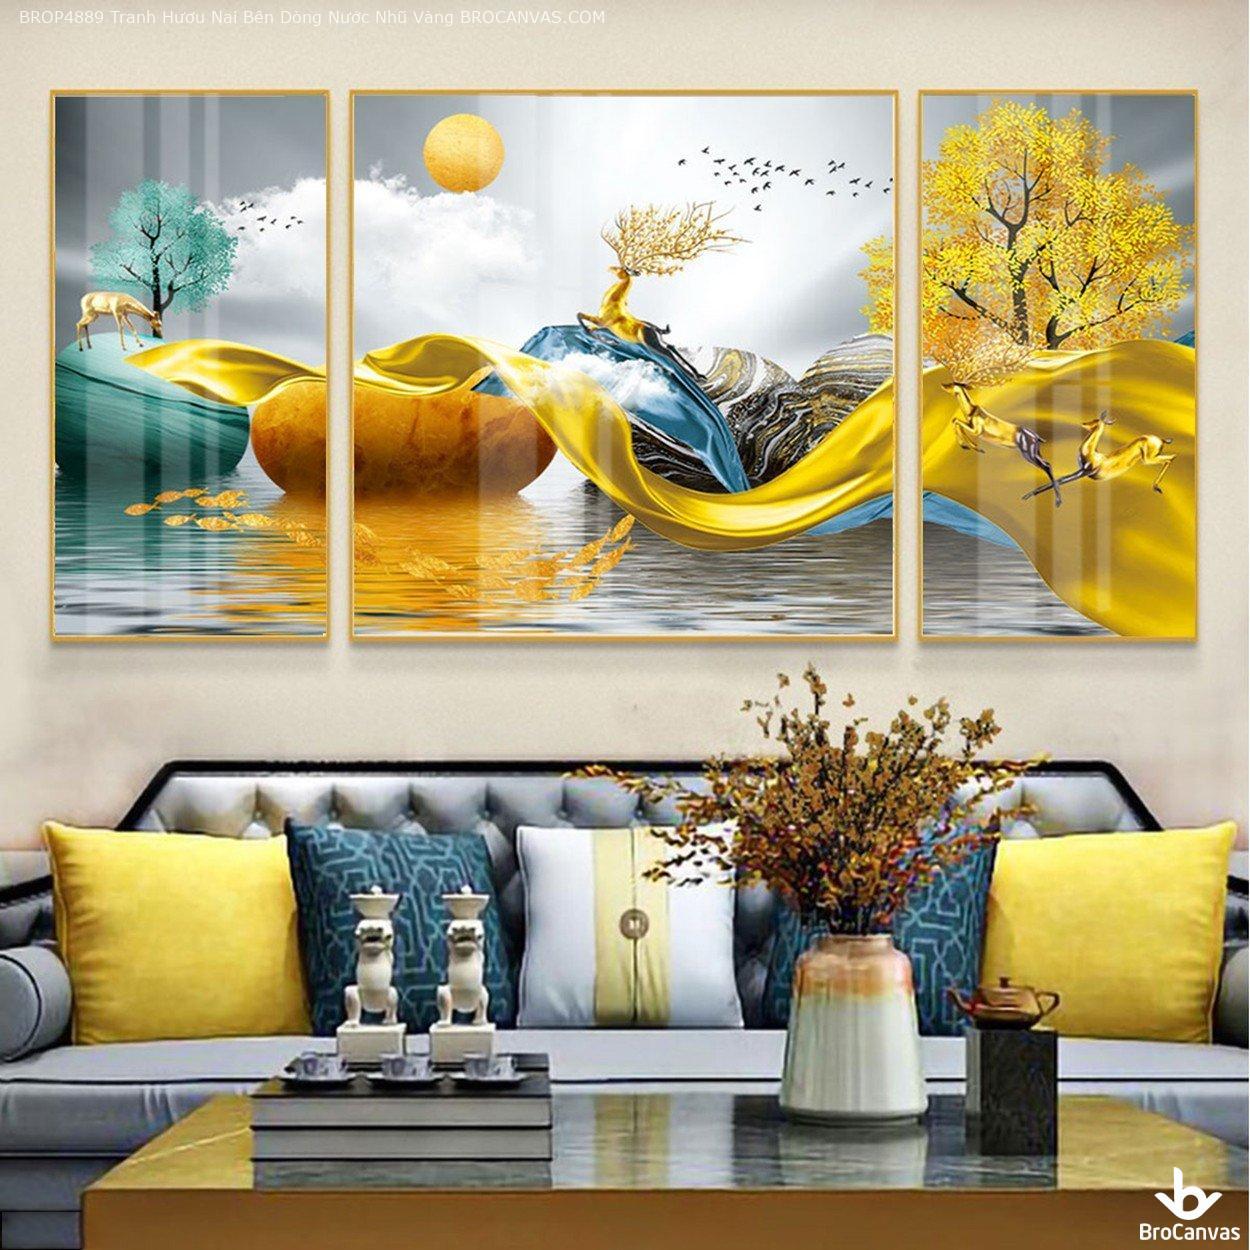 Cửa hàng tranh treo tường Đà Nẵng